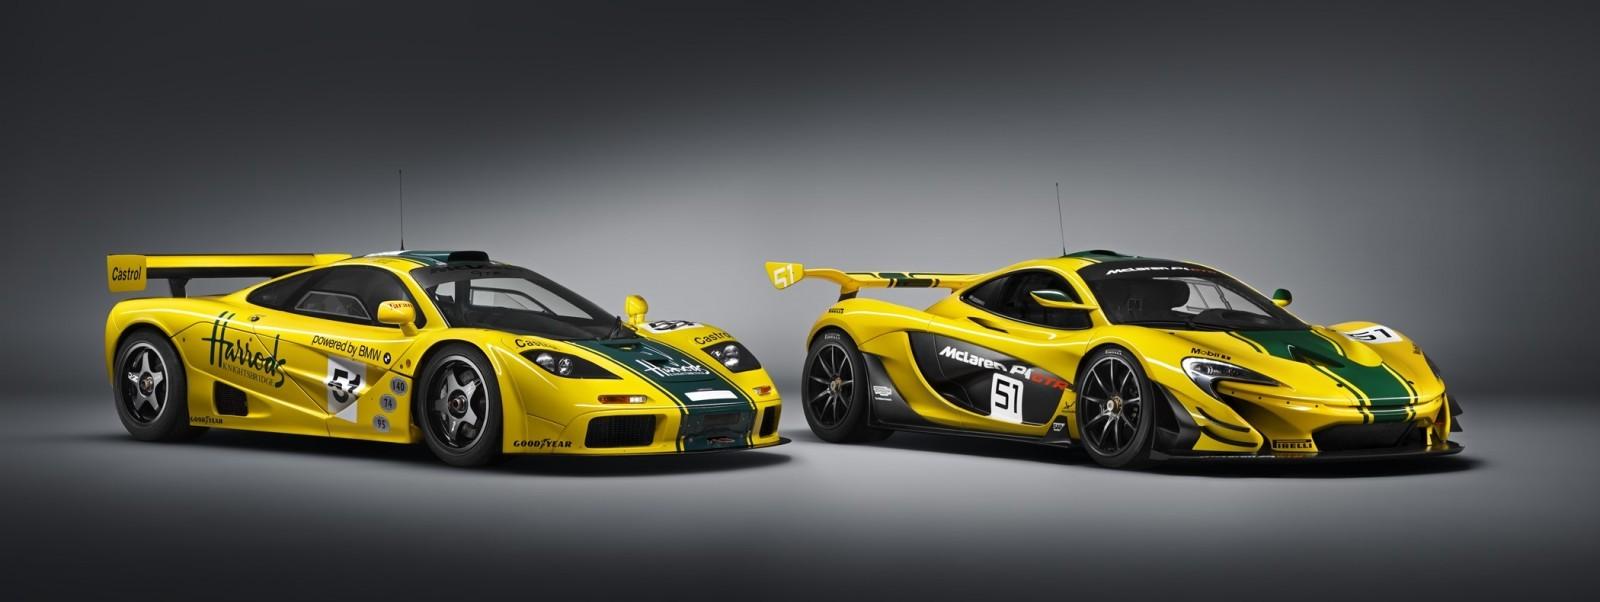 2016 McLaren P1 GTR Yellow 11